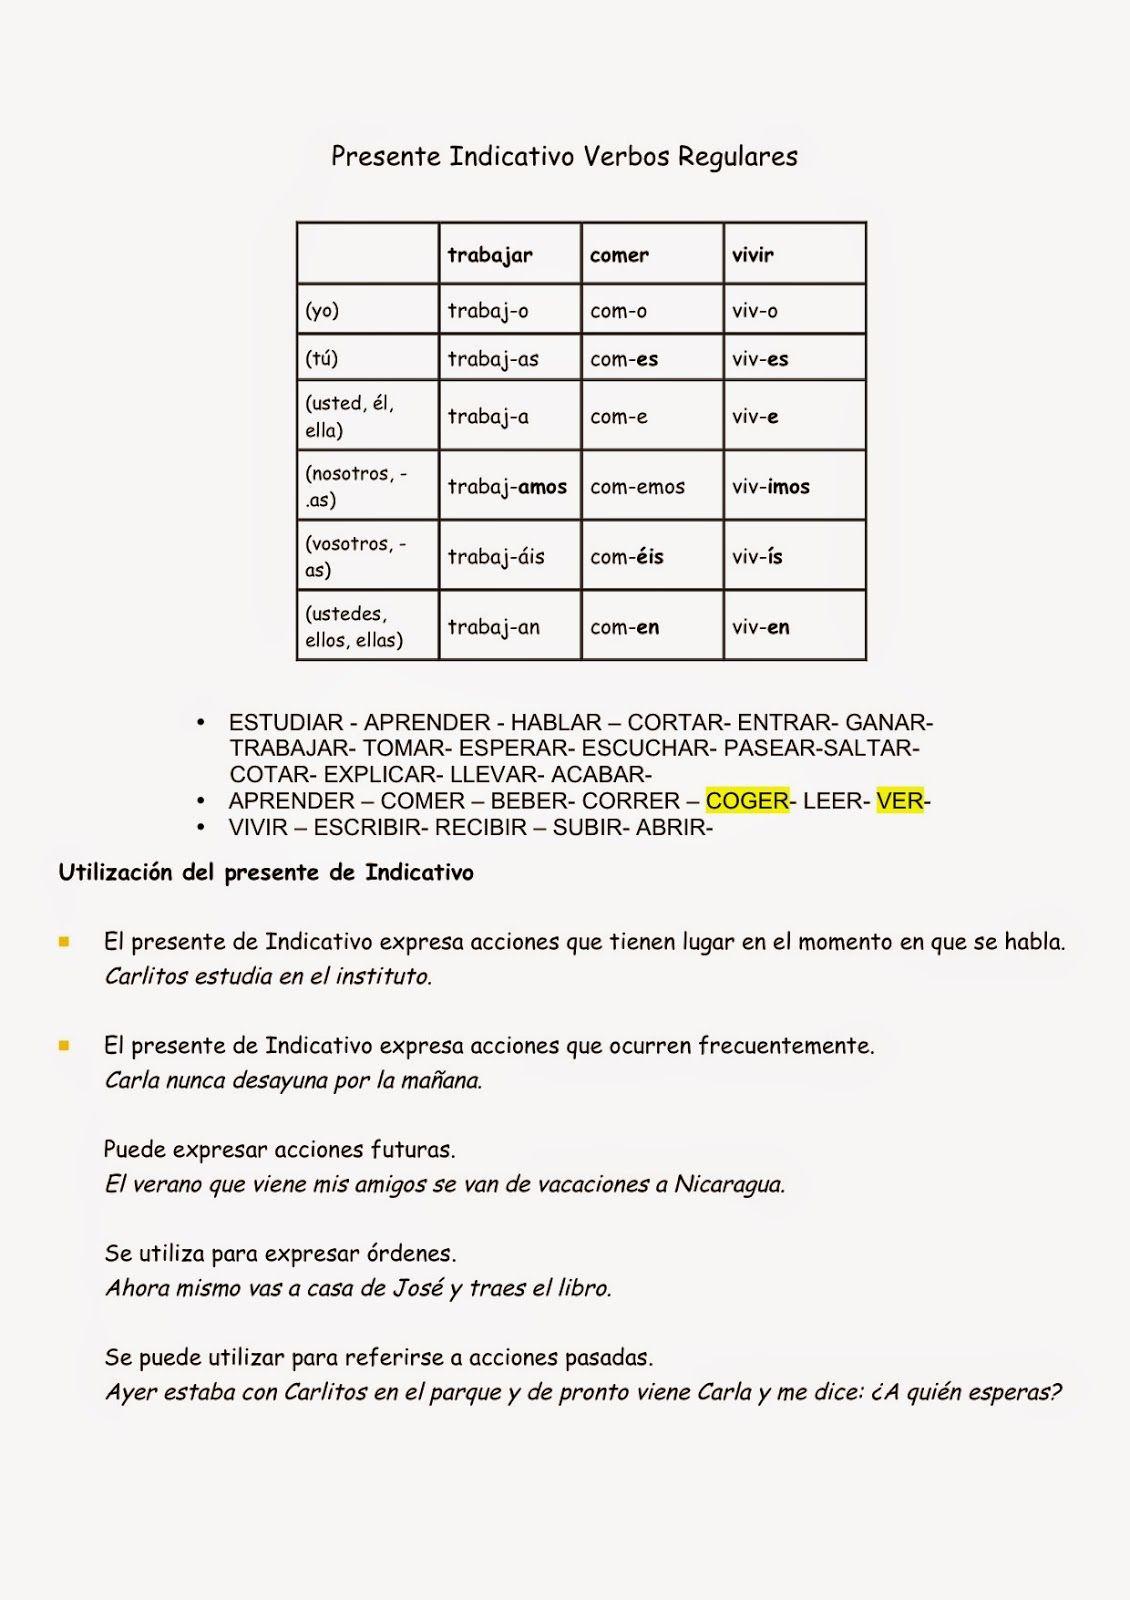 Gram Tica Presente Indicativo Verbos Irrregulares Ue High